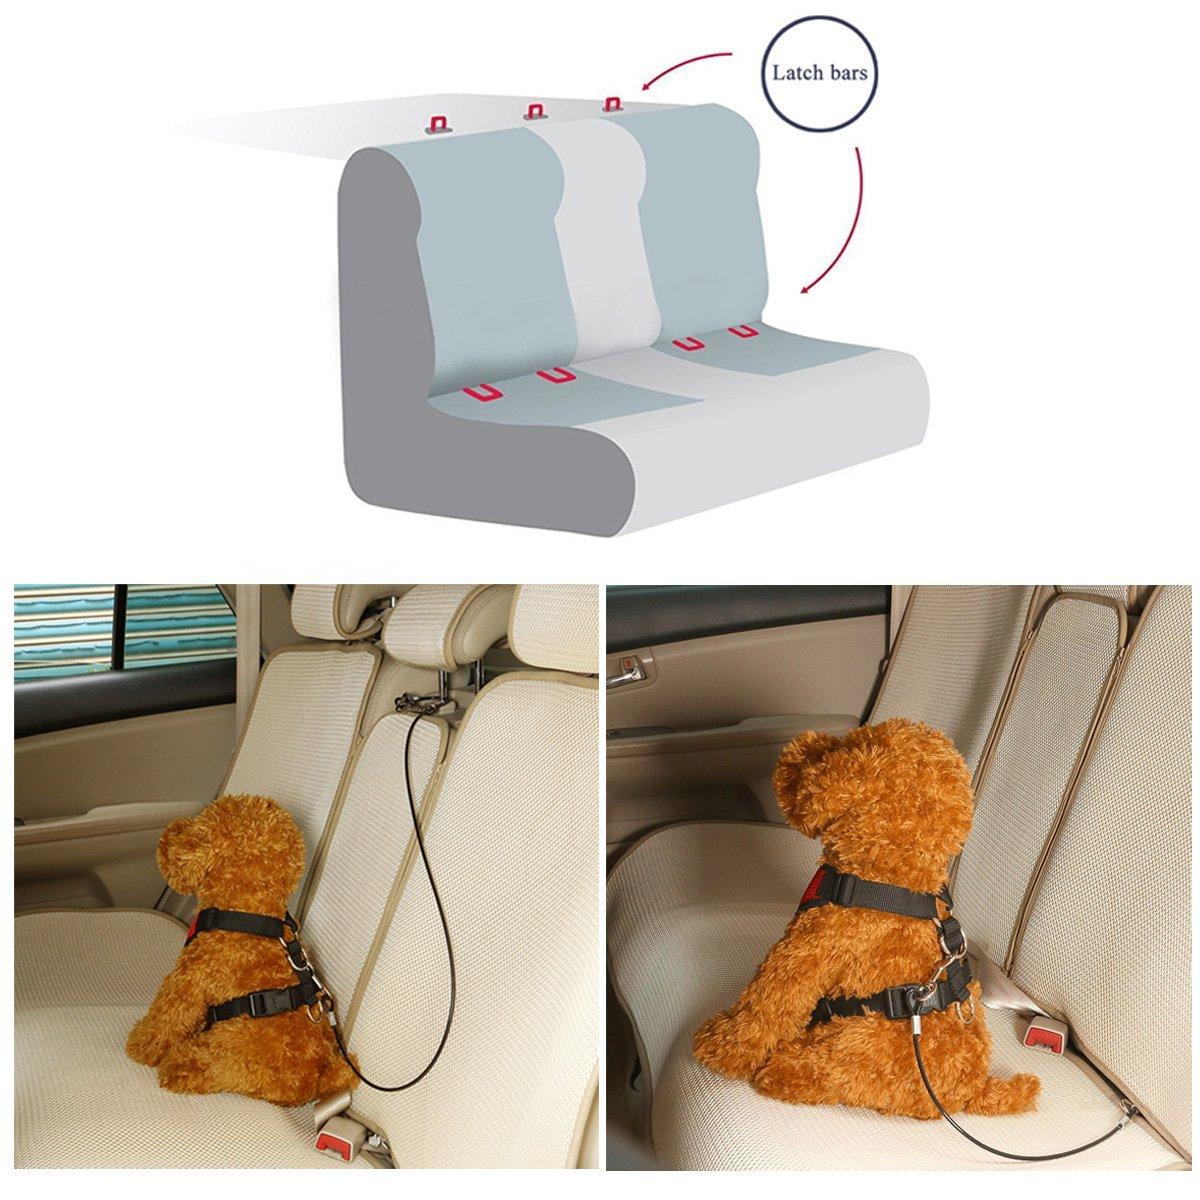 Mogoko Ceinture de s/écurit/é de voiture pour harnais de chien Rev/êtement en acier inoxydable R/ésistante aux morsures Double poign/ée Noir Disponible en 4/tailles